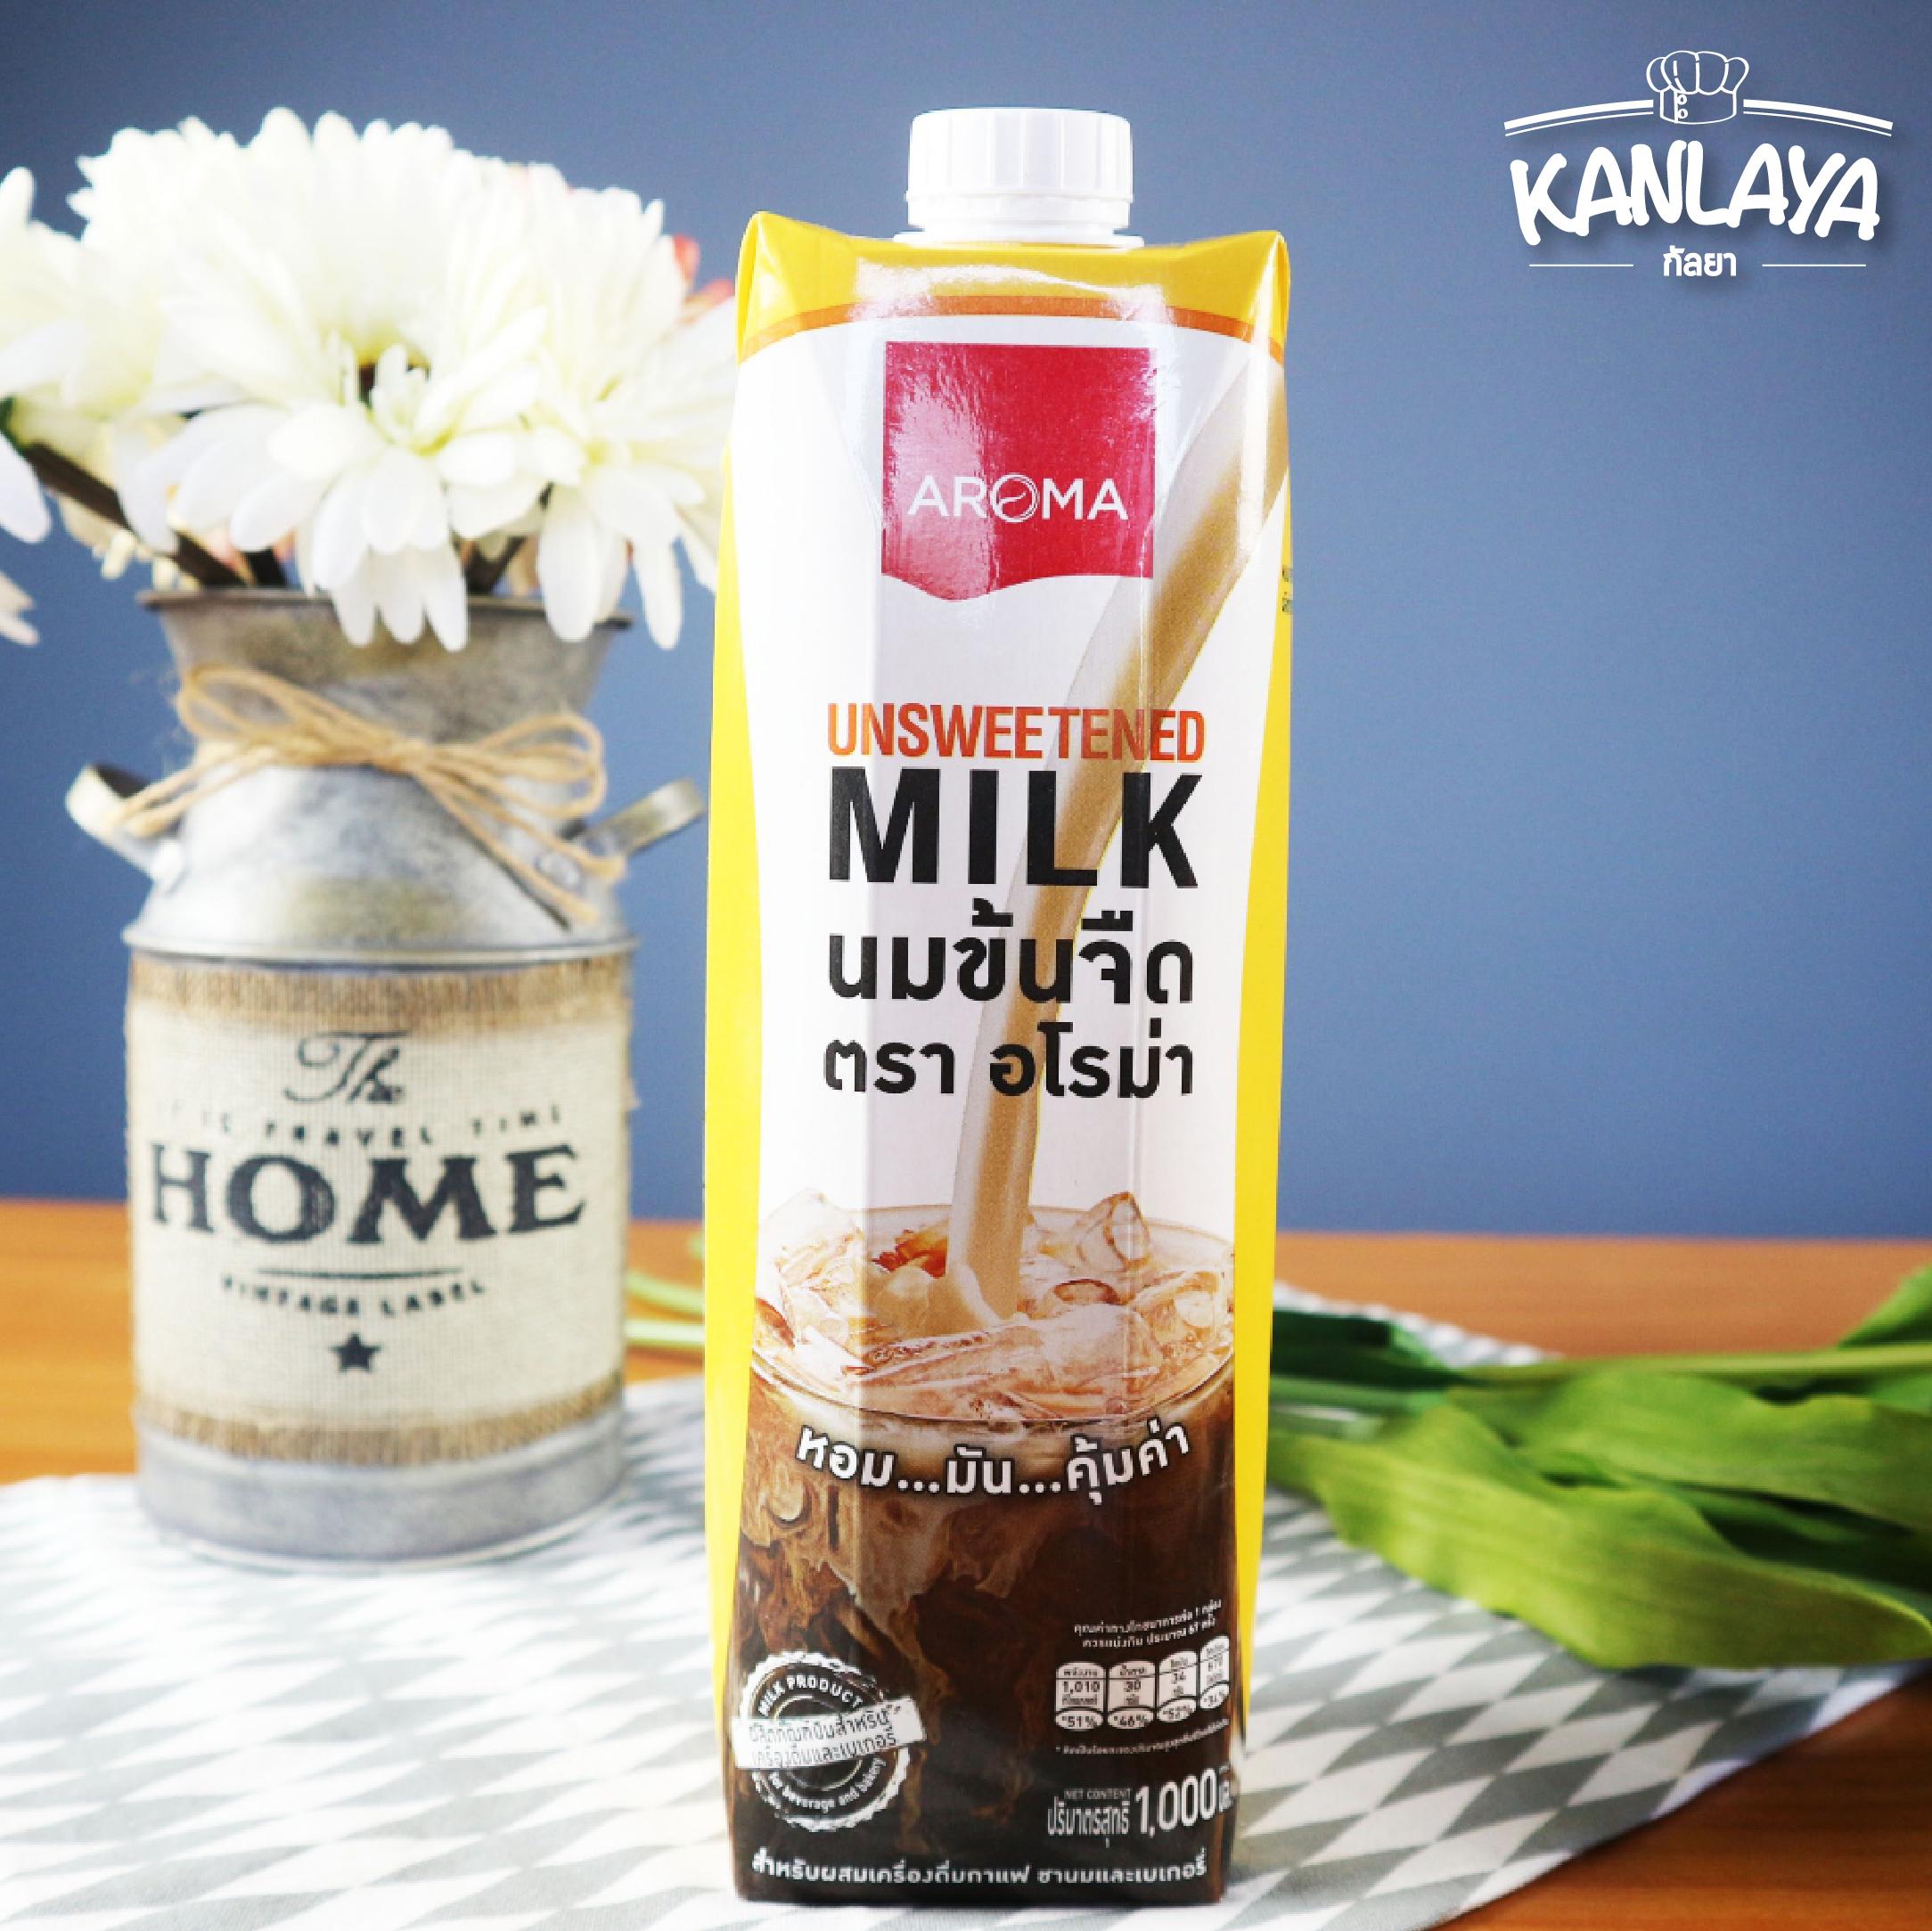 ผลิตภัณฑ์นมสำหรับเครื่องดื่ม และเบอเกอรี่ ตราอโรม่า (นมข้นจืด) 1,000 ML.